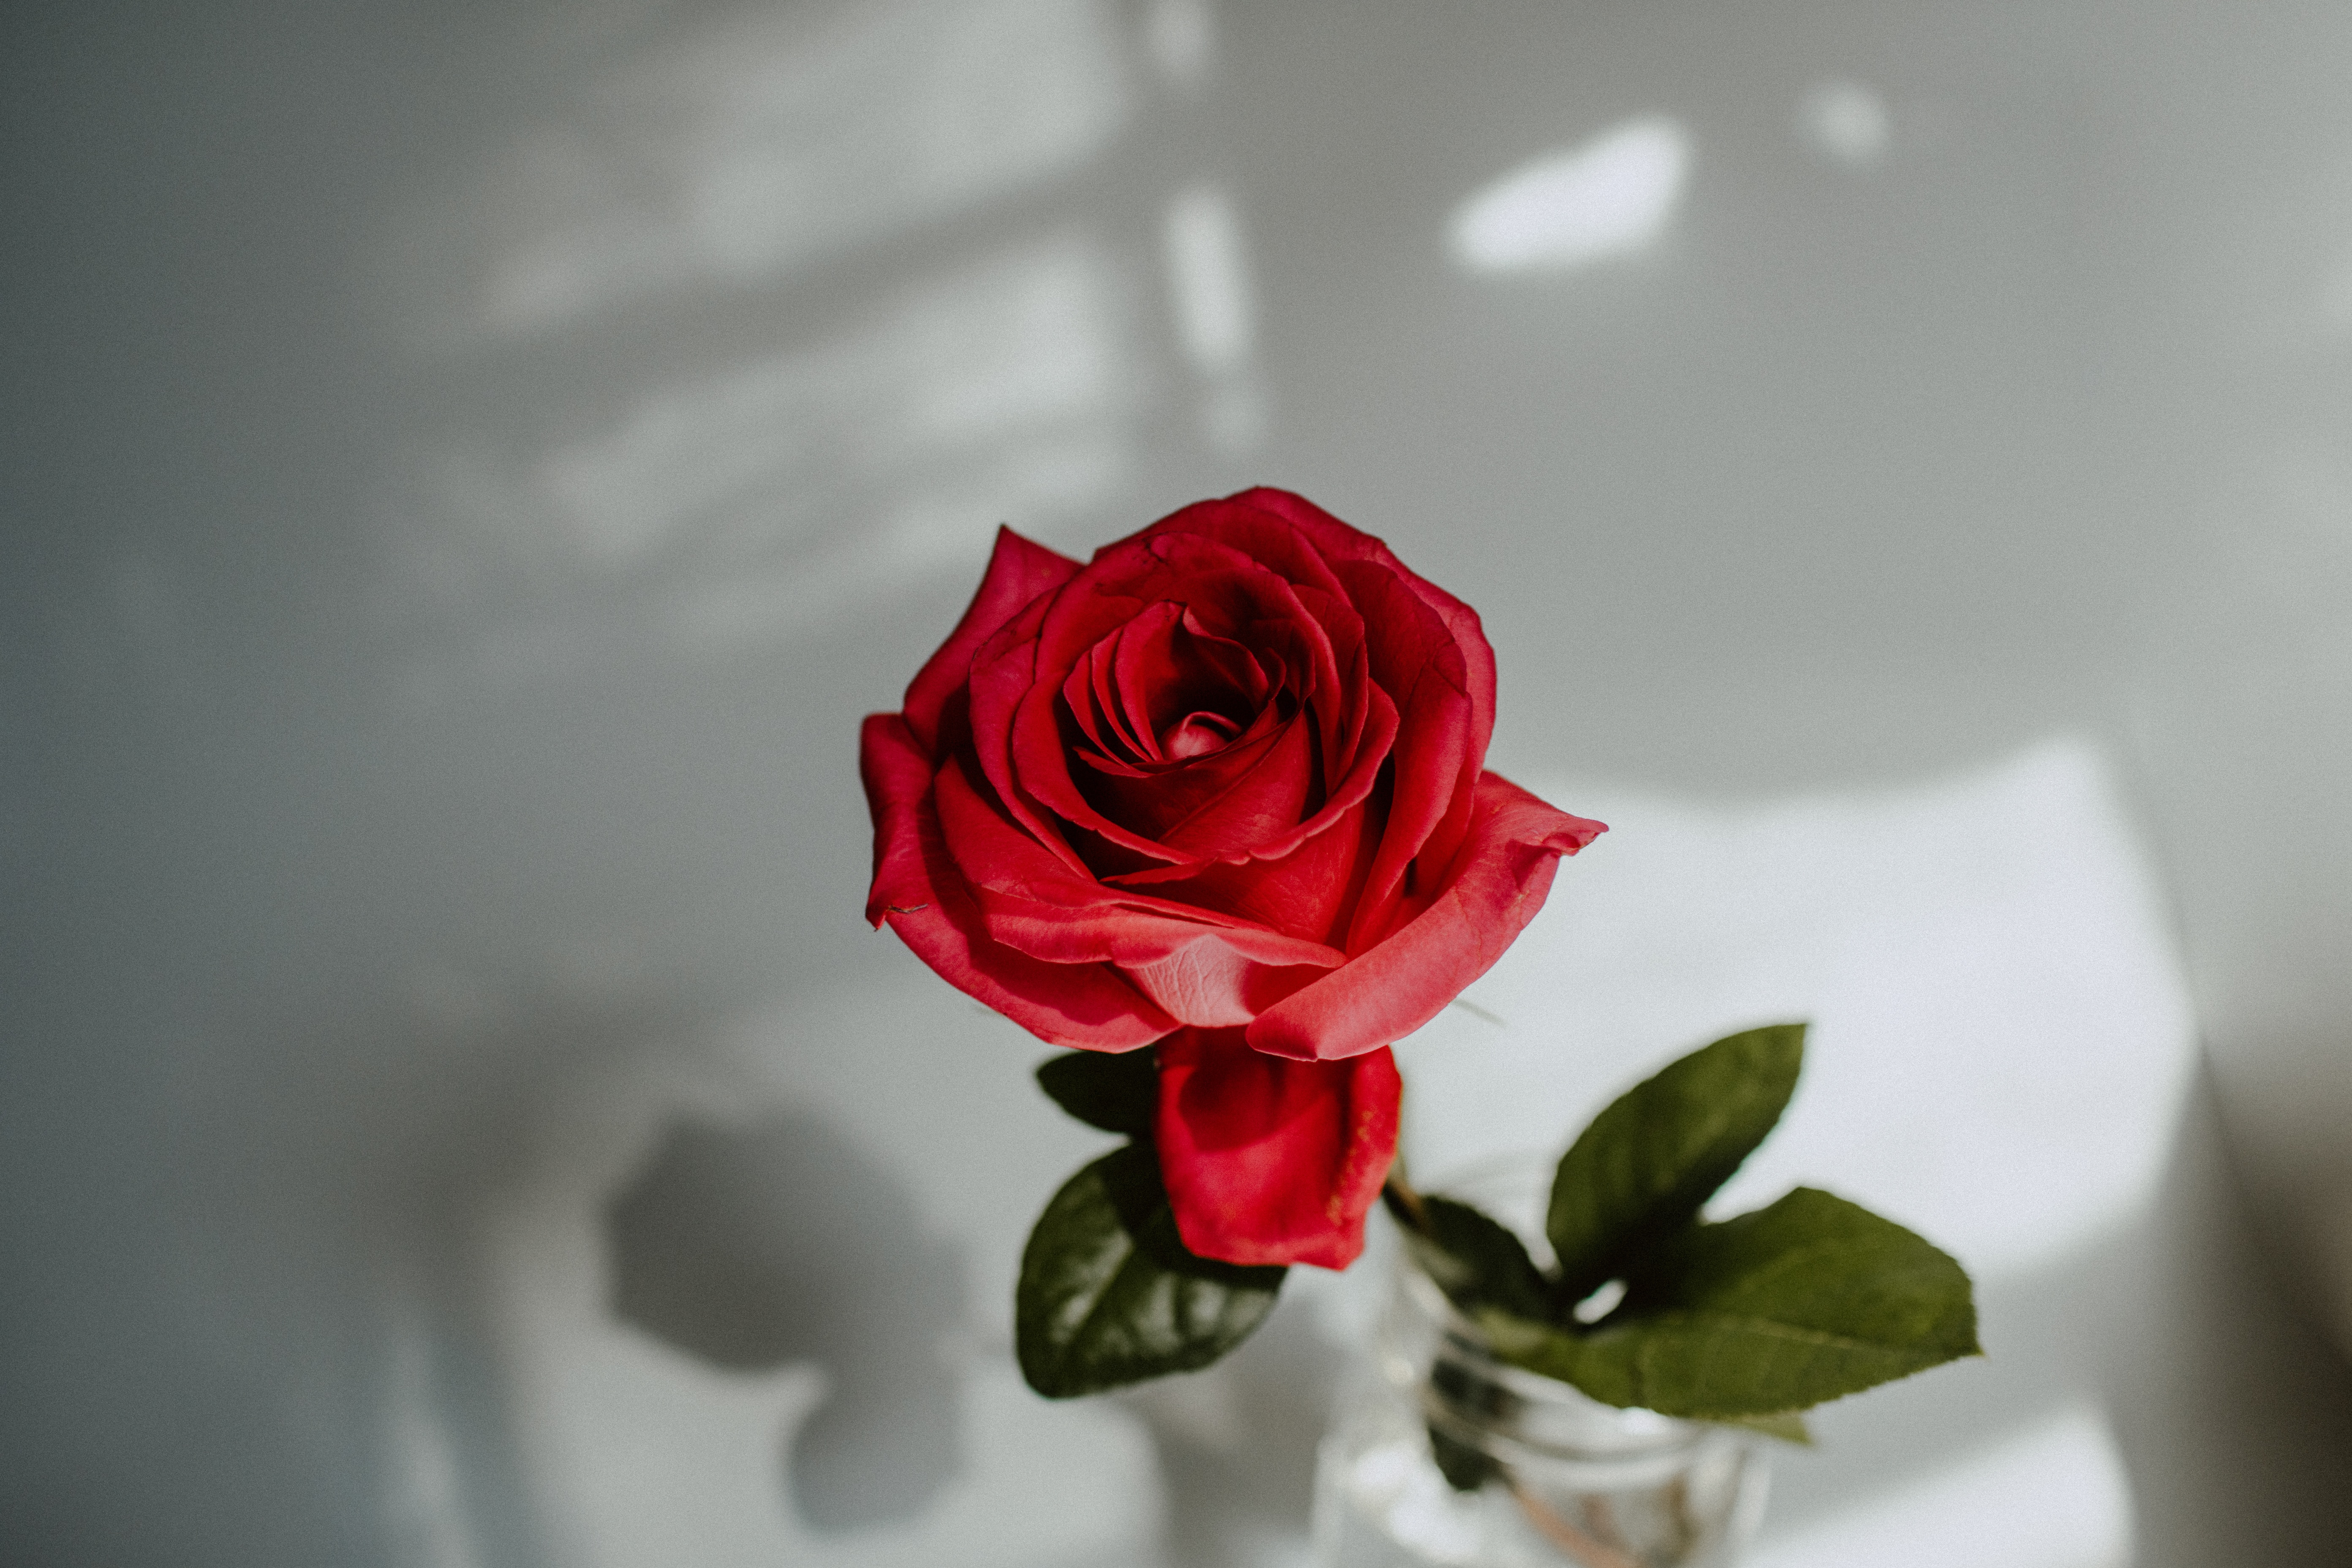 157243 скачать обои Цветок, Роза, Цветы, Красный, Крупный План - заставки и картинки бесплатно